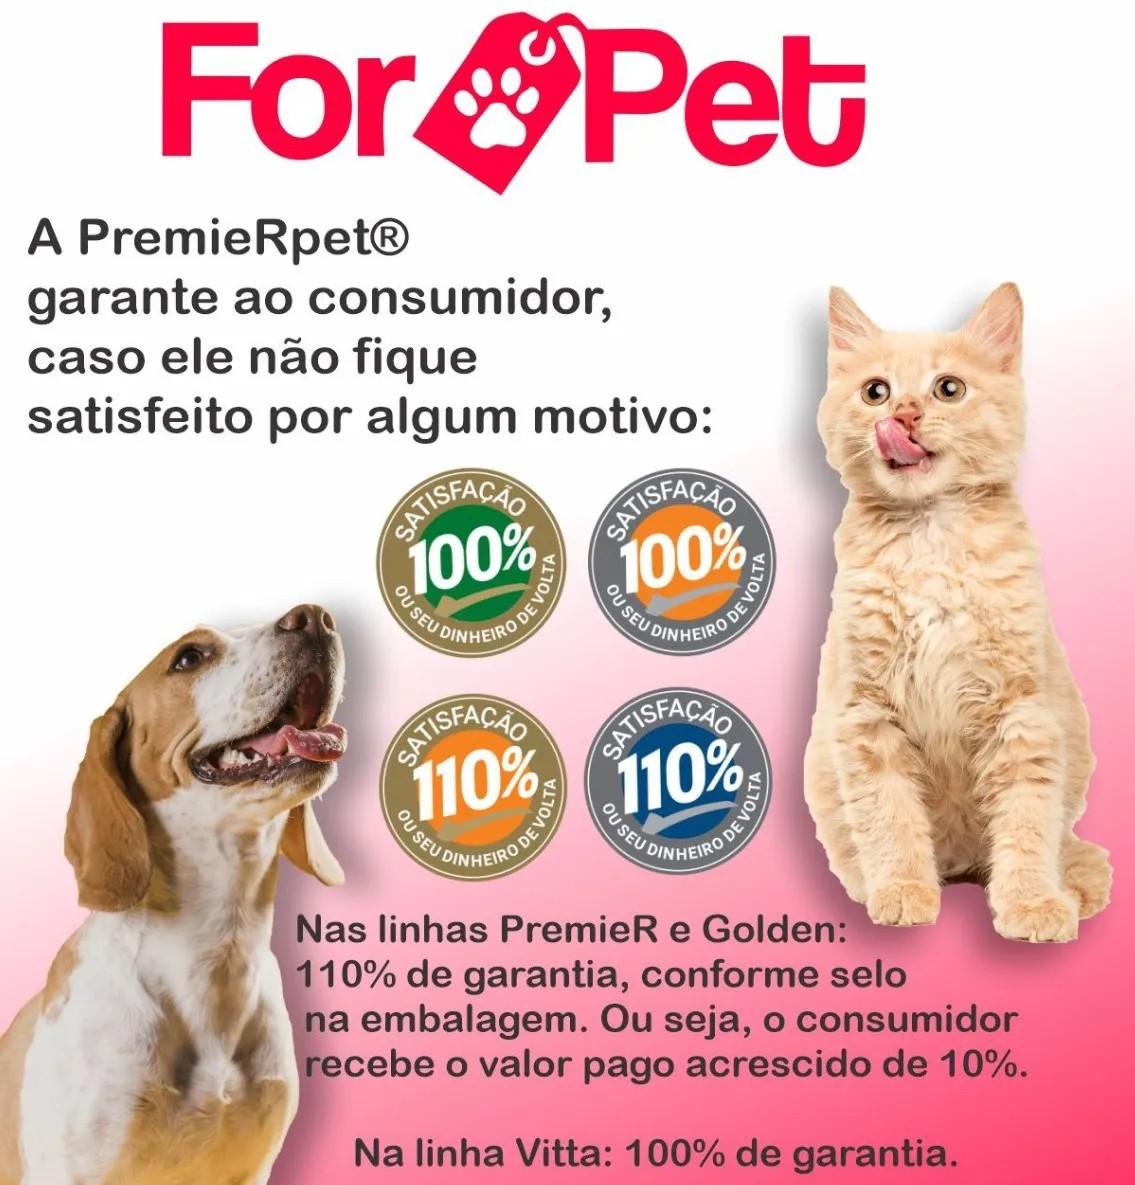 Ração Premier Nutrição Clínica Cães Hipoalergênico Proteína Hidrolisada e Mandioca Pequeno Porte ( 2 dias para Envio)